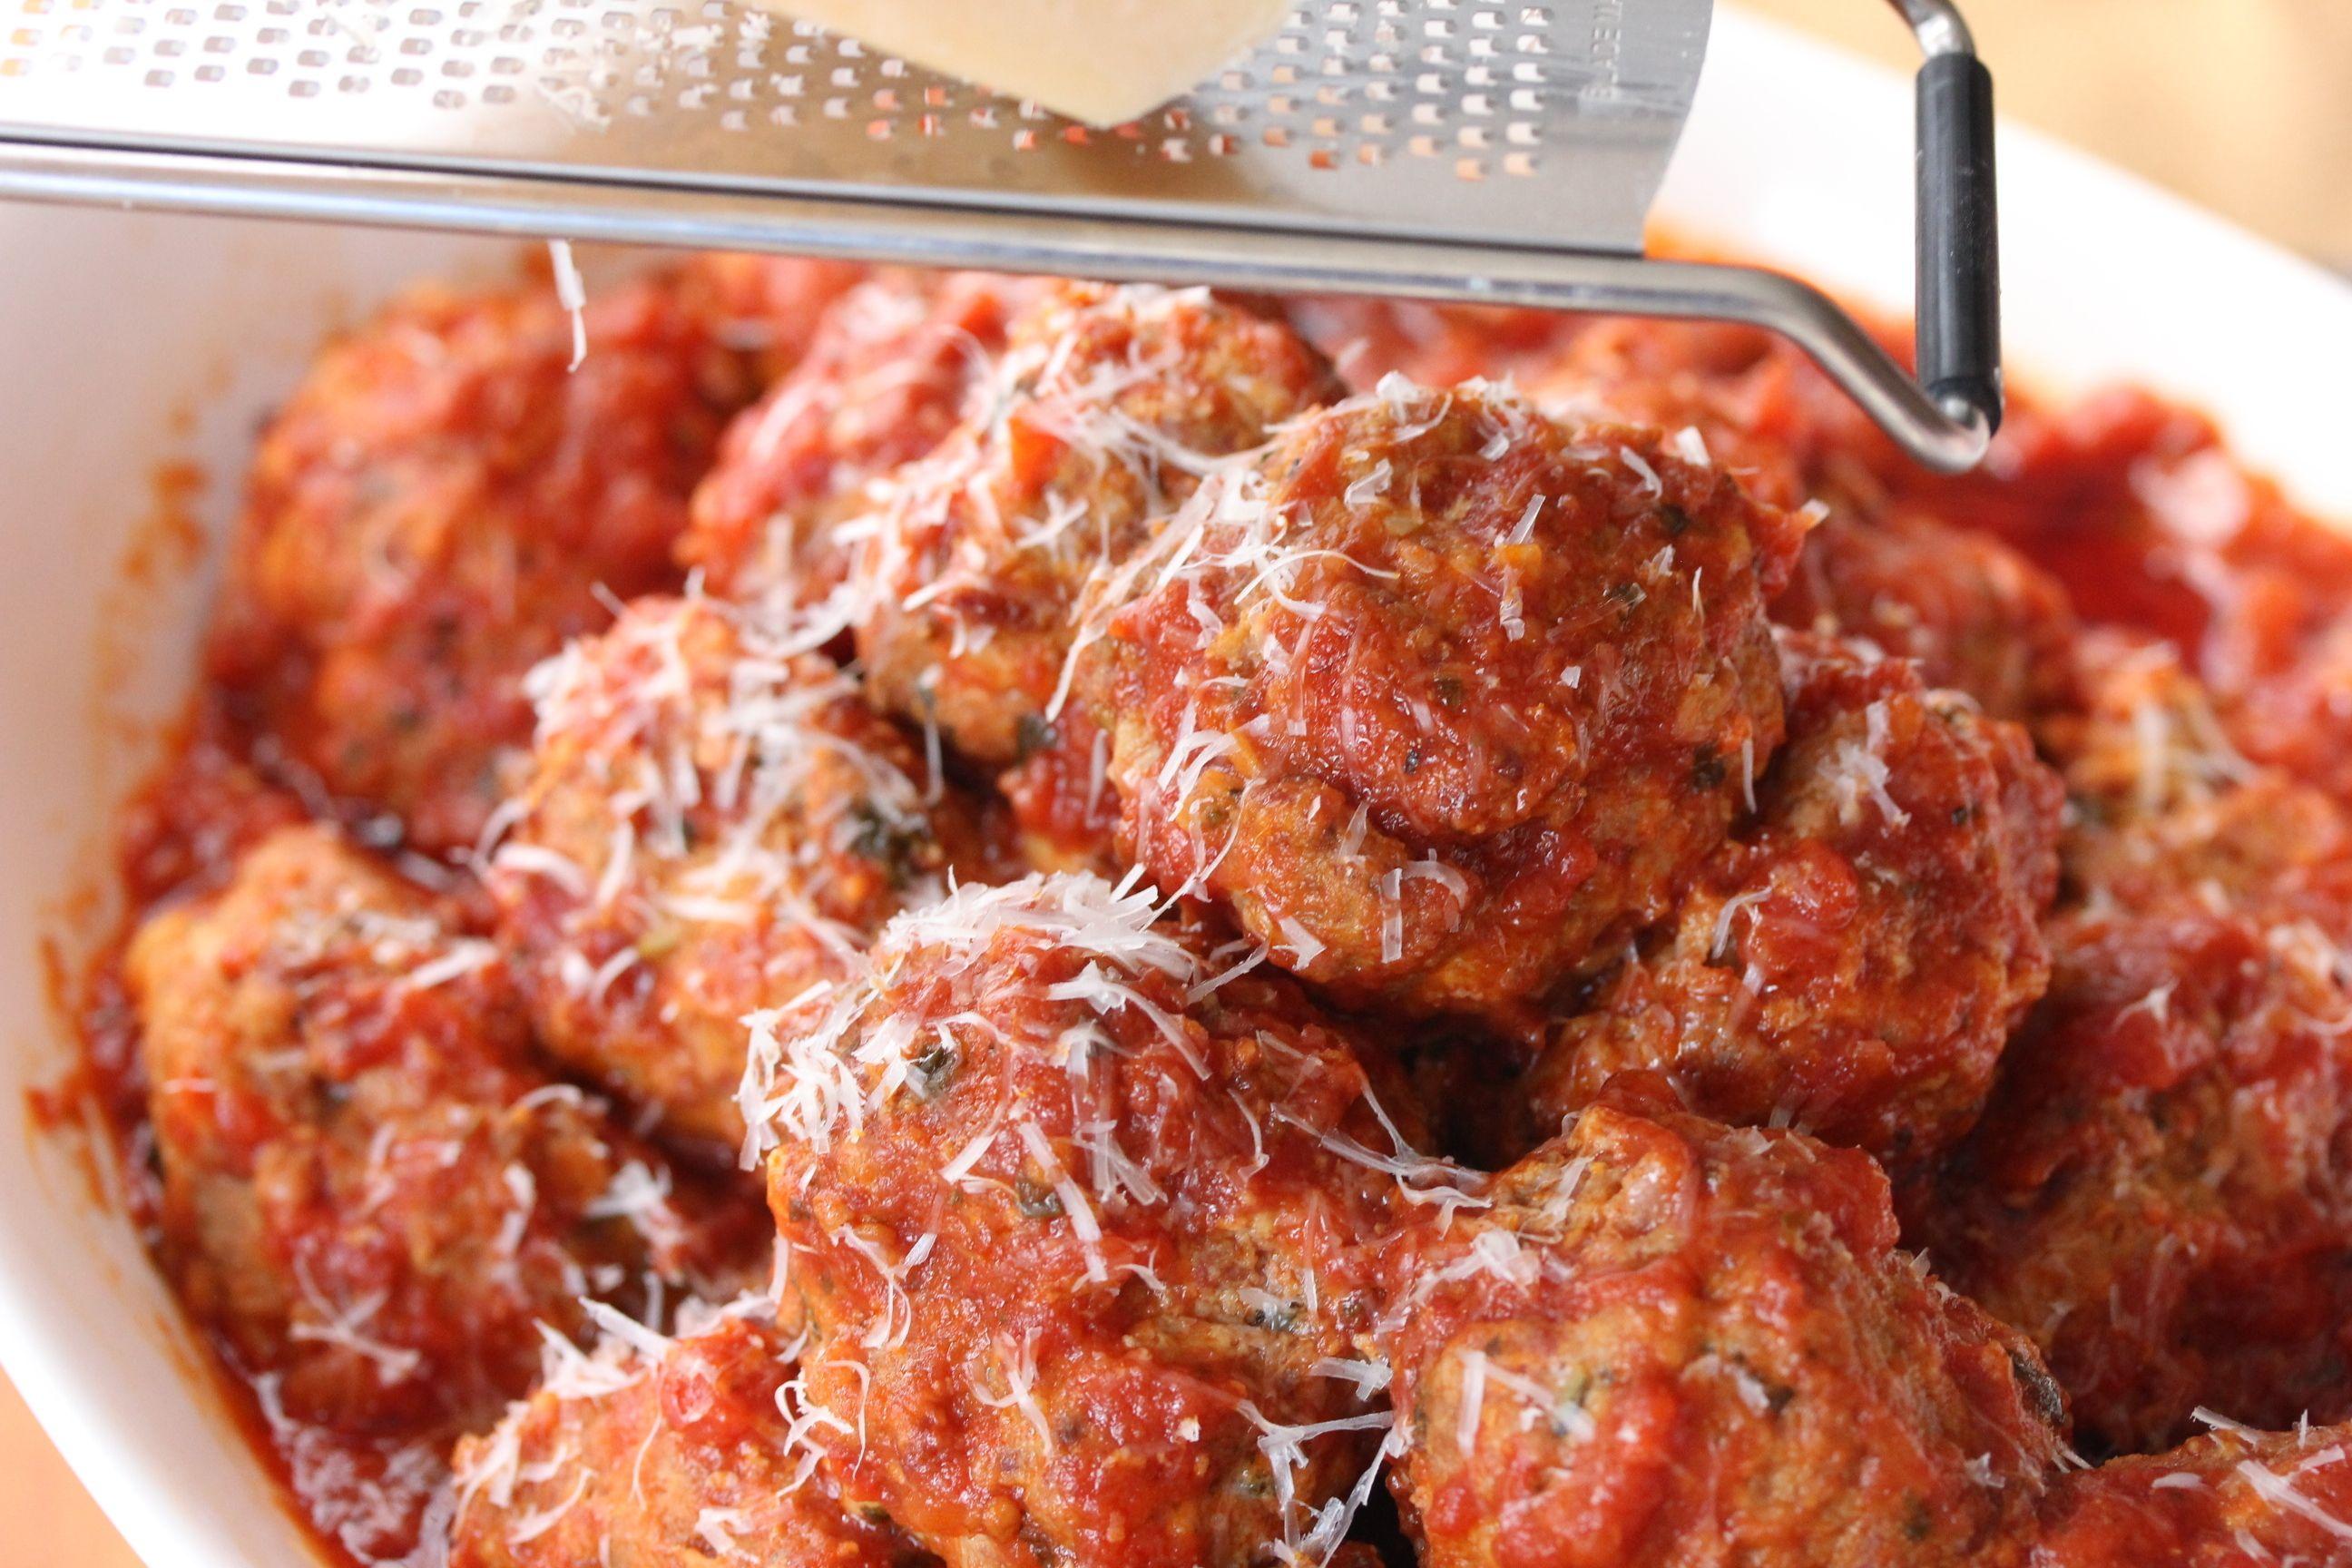 Old fashioned italian meatball recipe 22